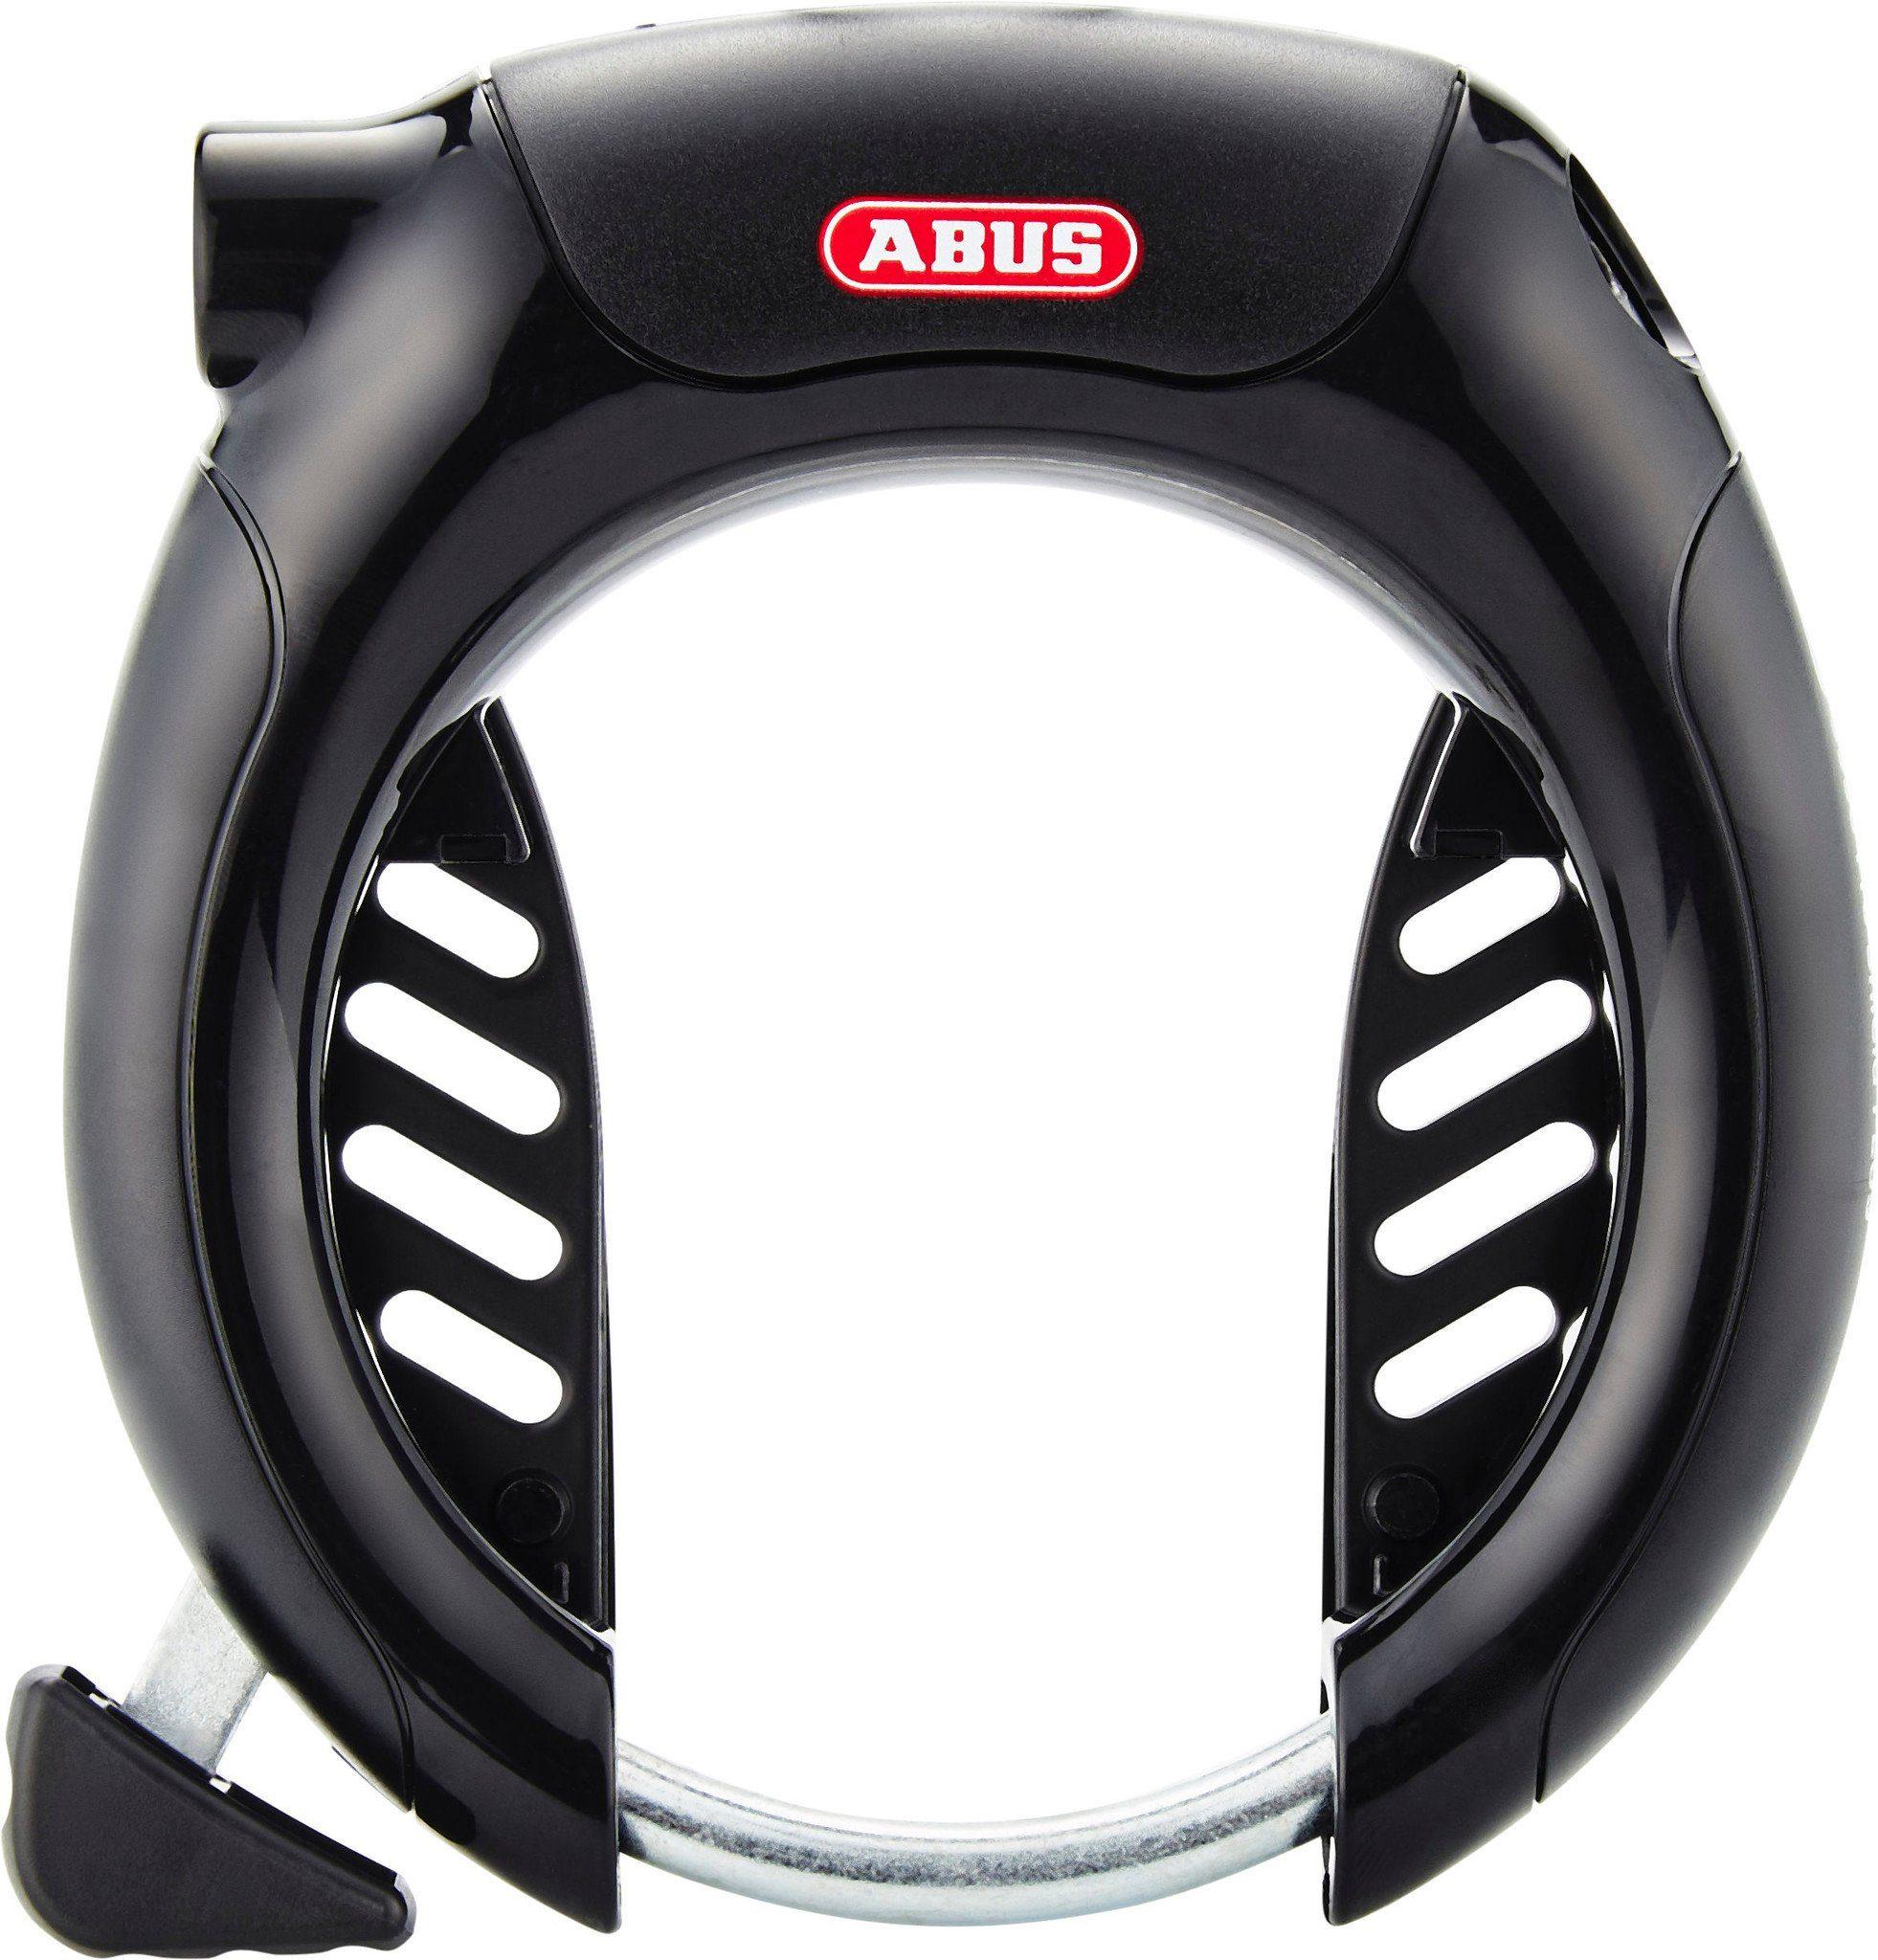 ABUS Fahrradschloss »Pro Shield Plus 5950 NR Rahmenschloss«